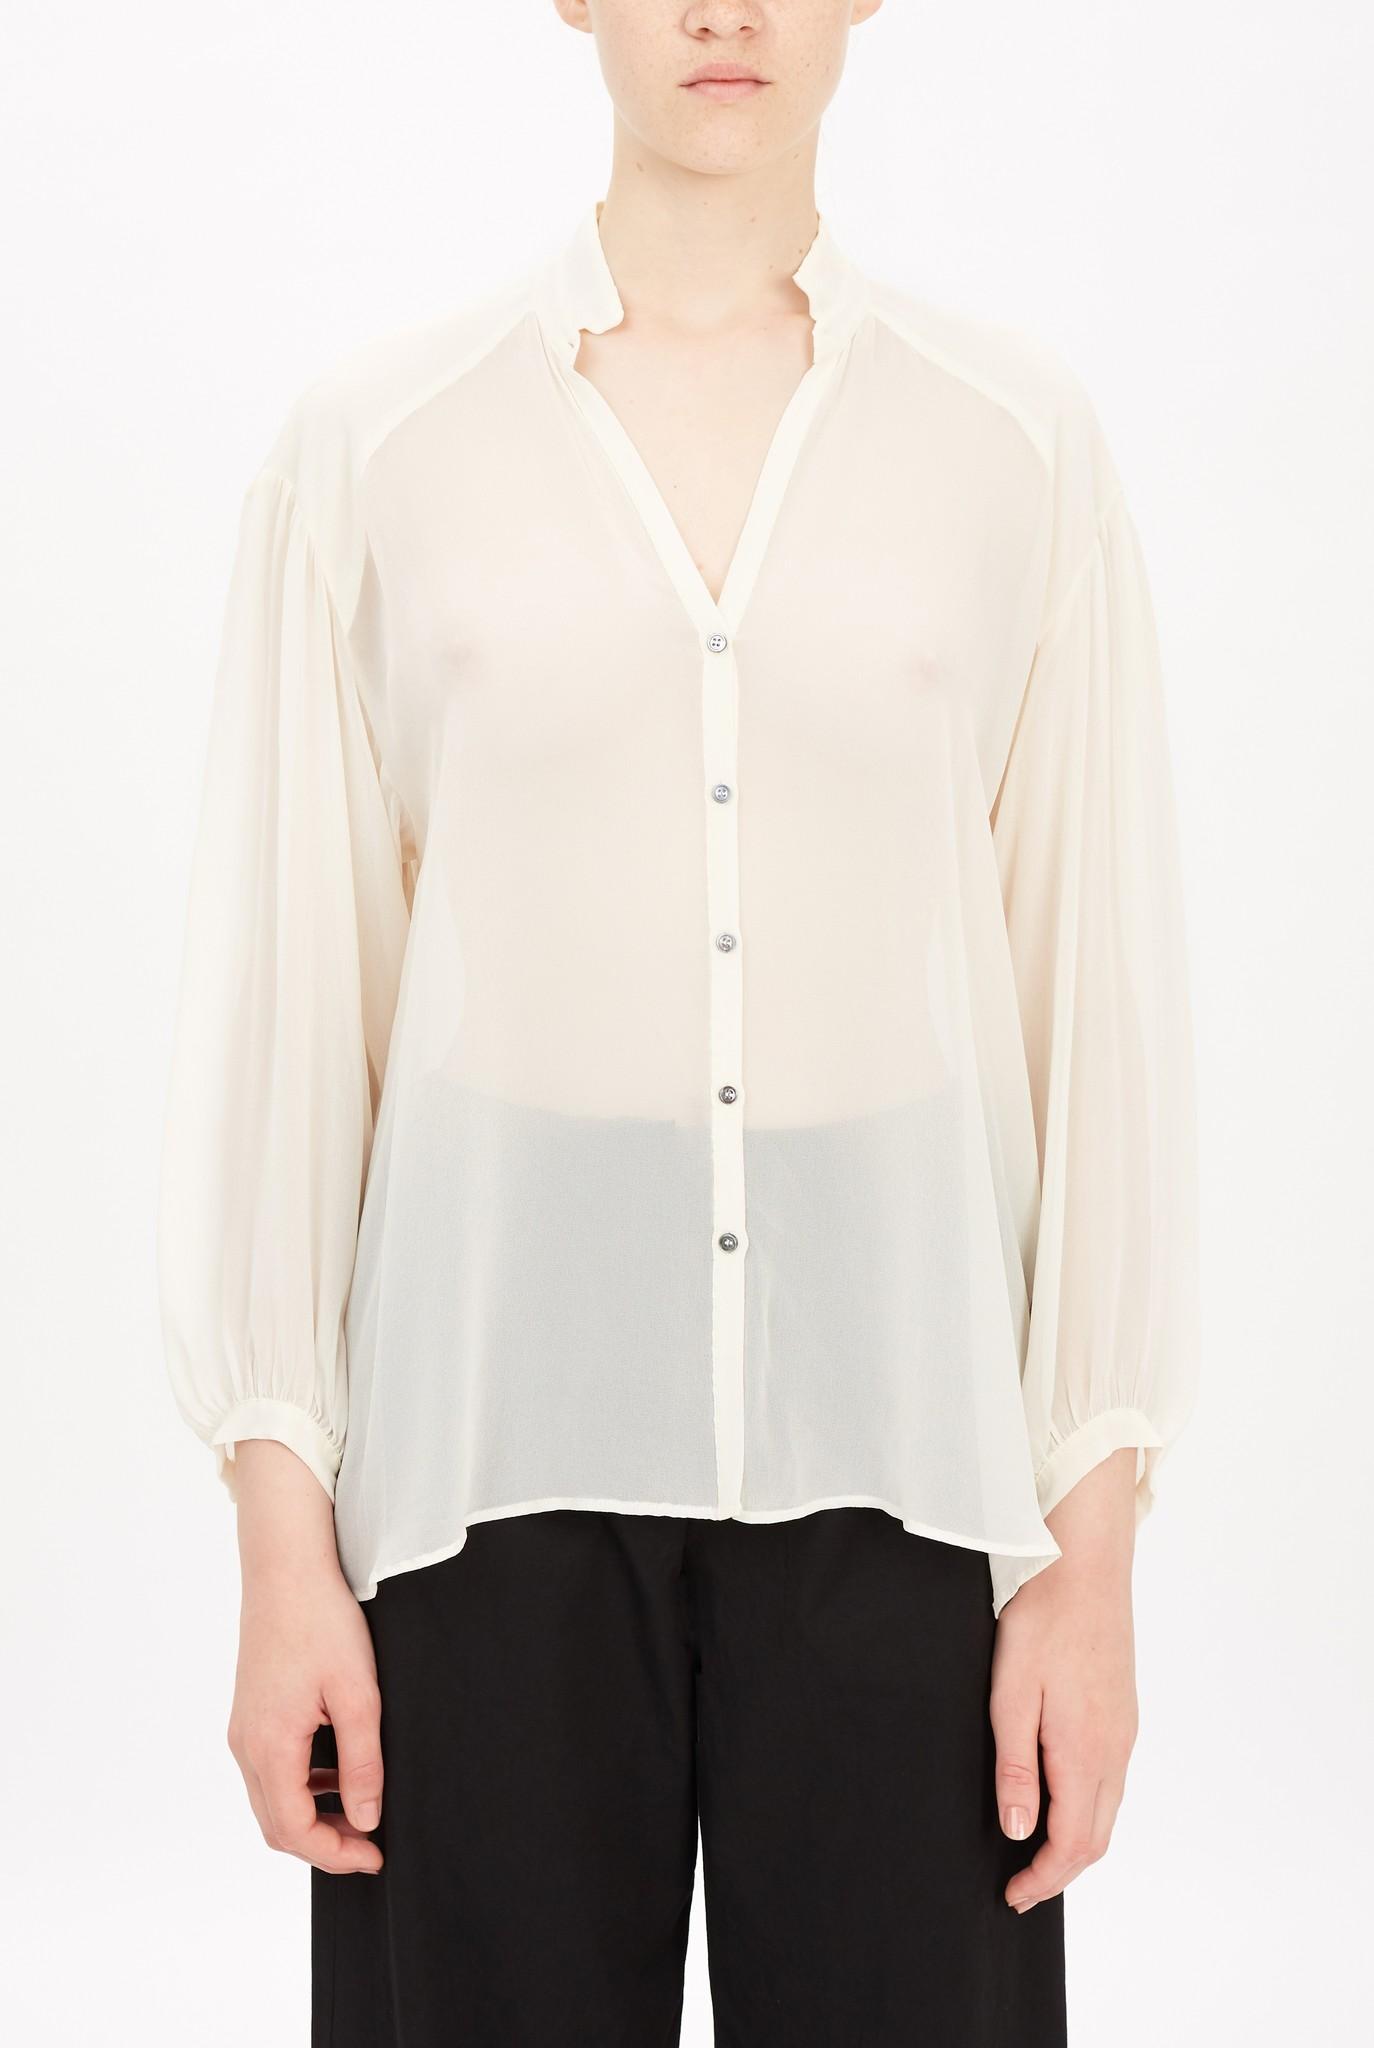 V-neck button blouse creme